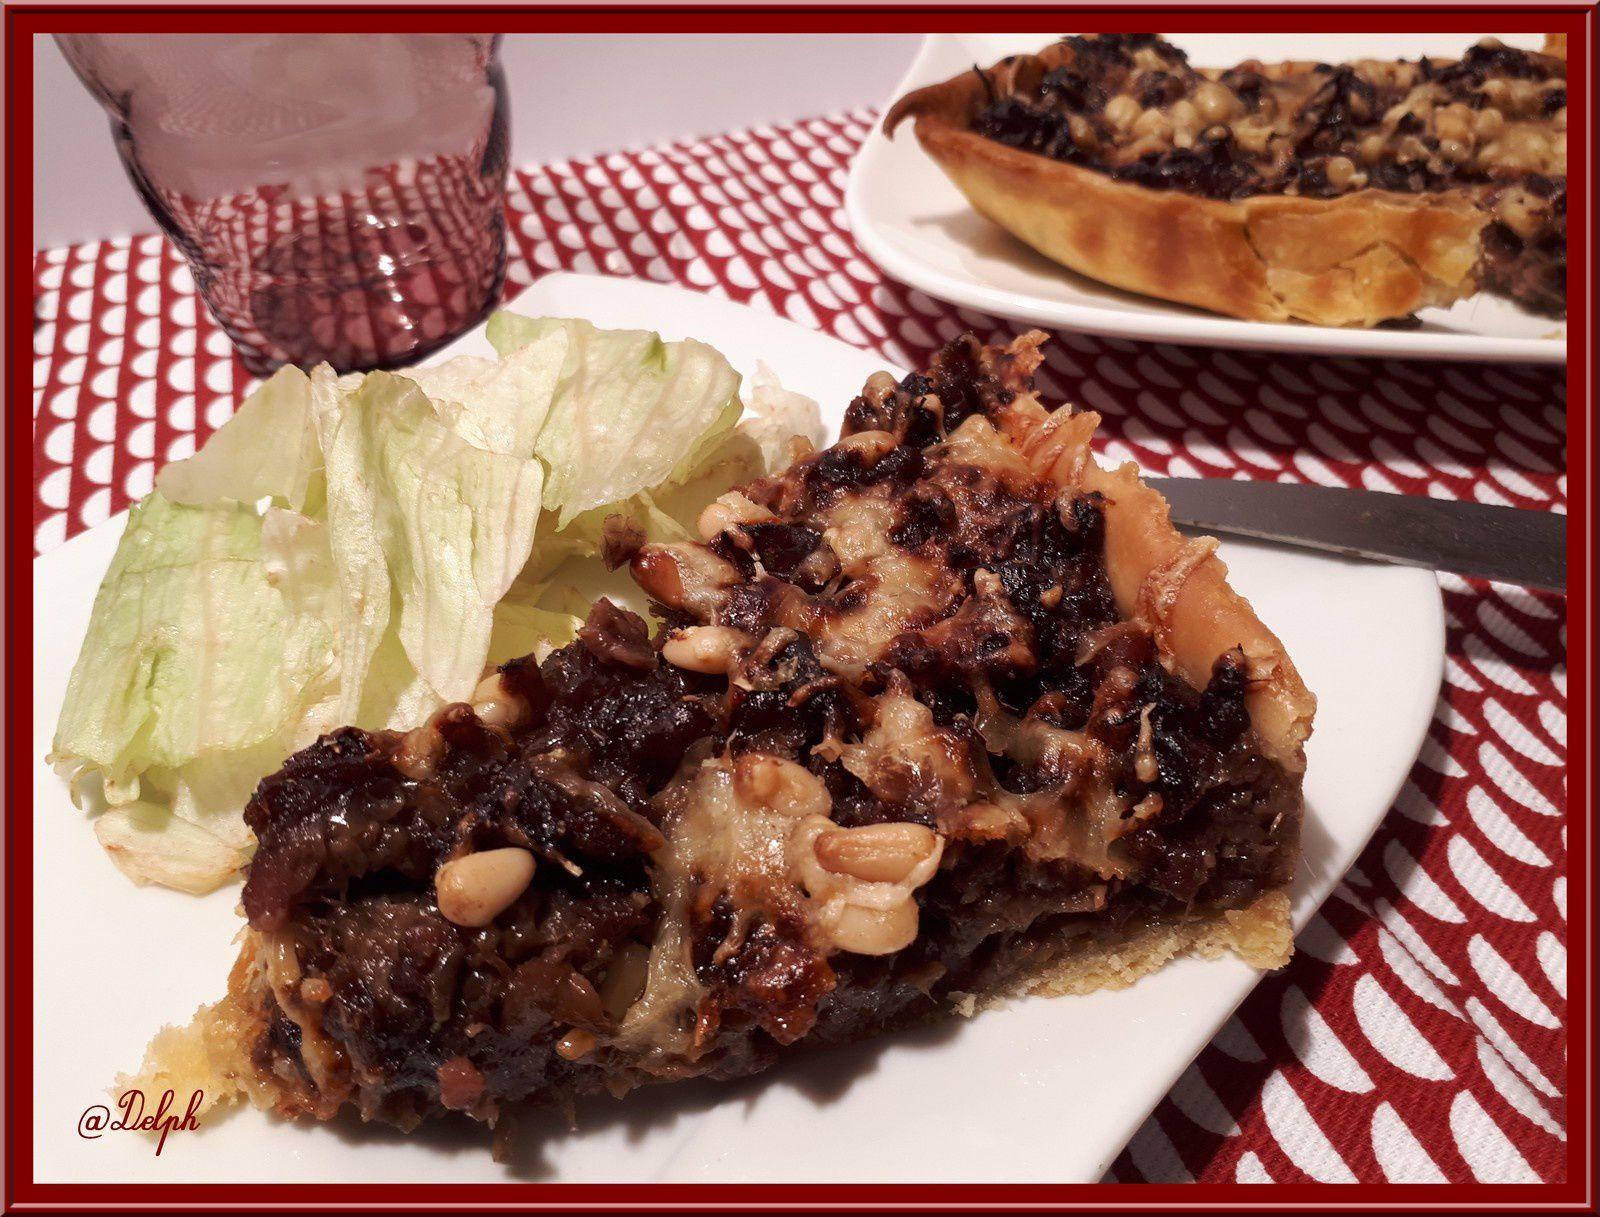 Tarte au confit d'oignons rouges, lardons et pignons